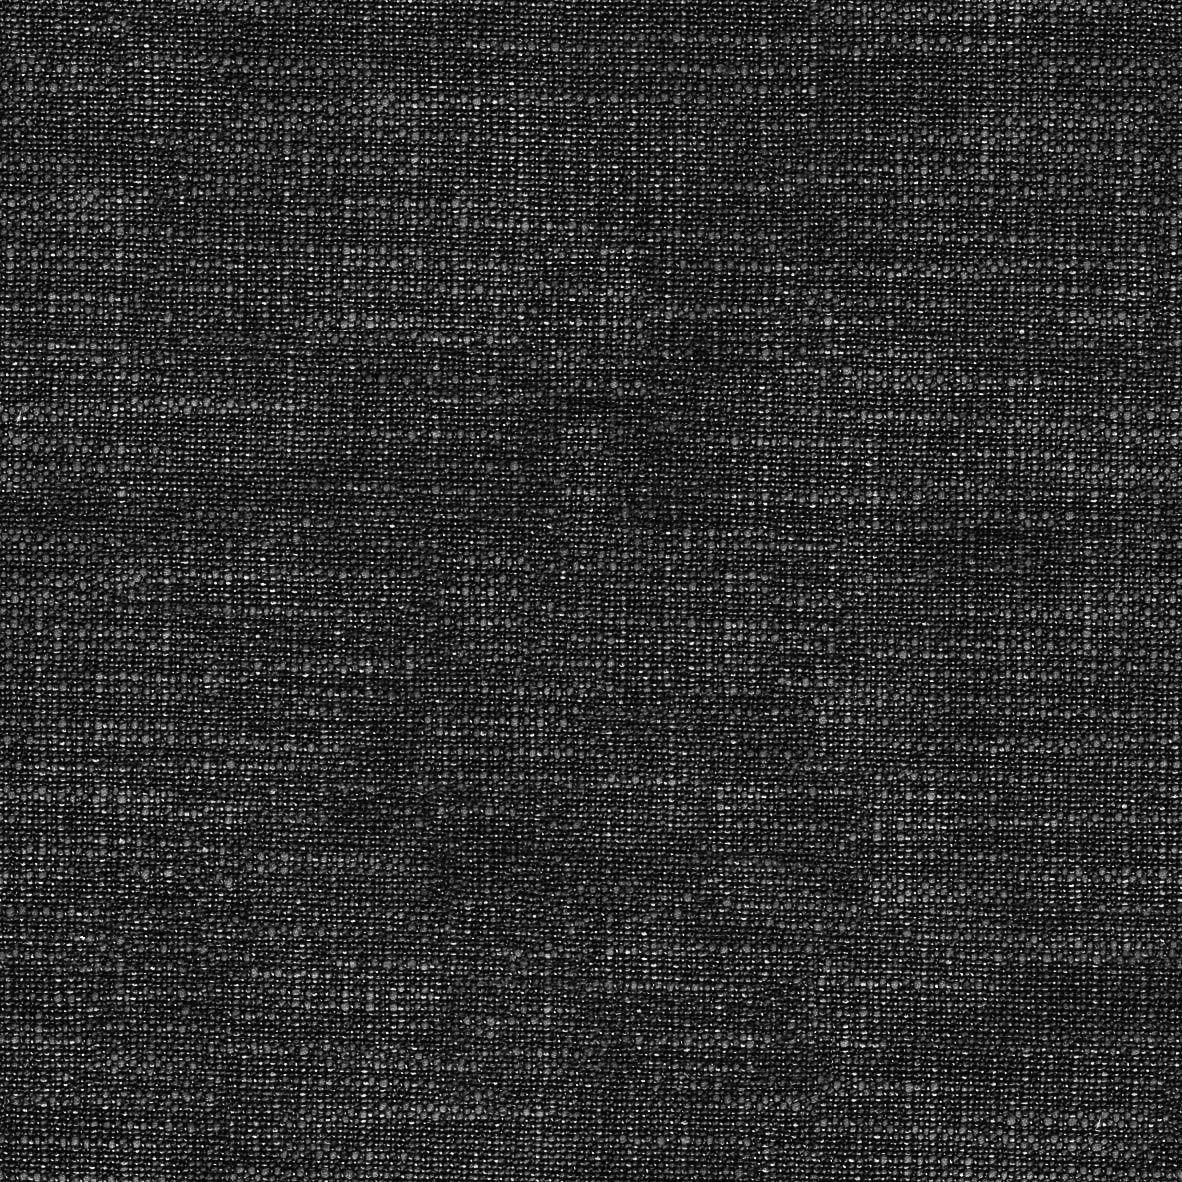 21091bd8dd443d8d5fc8c3d338bf47ff.jpg (1182×1182)